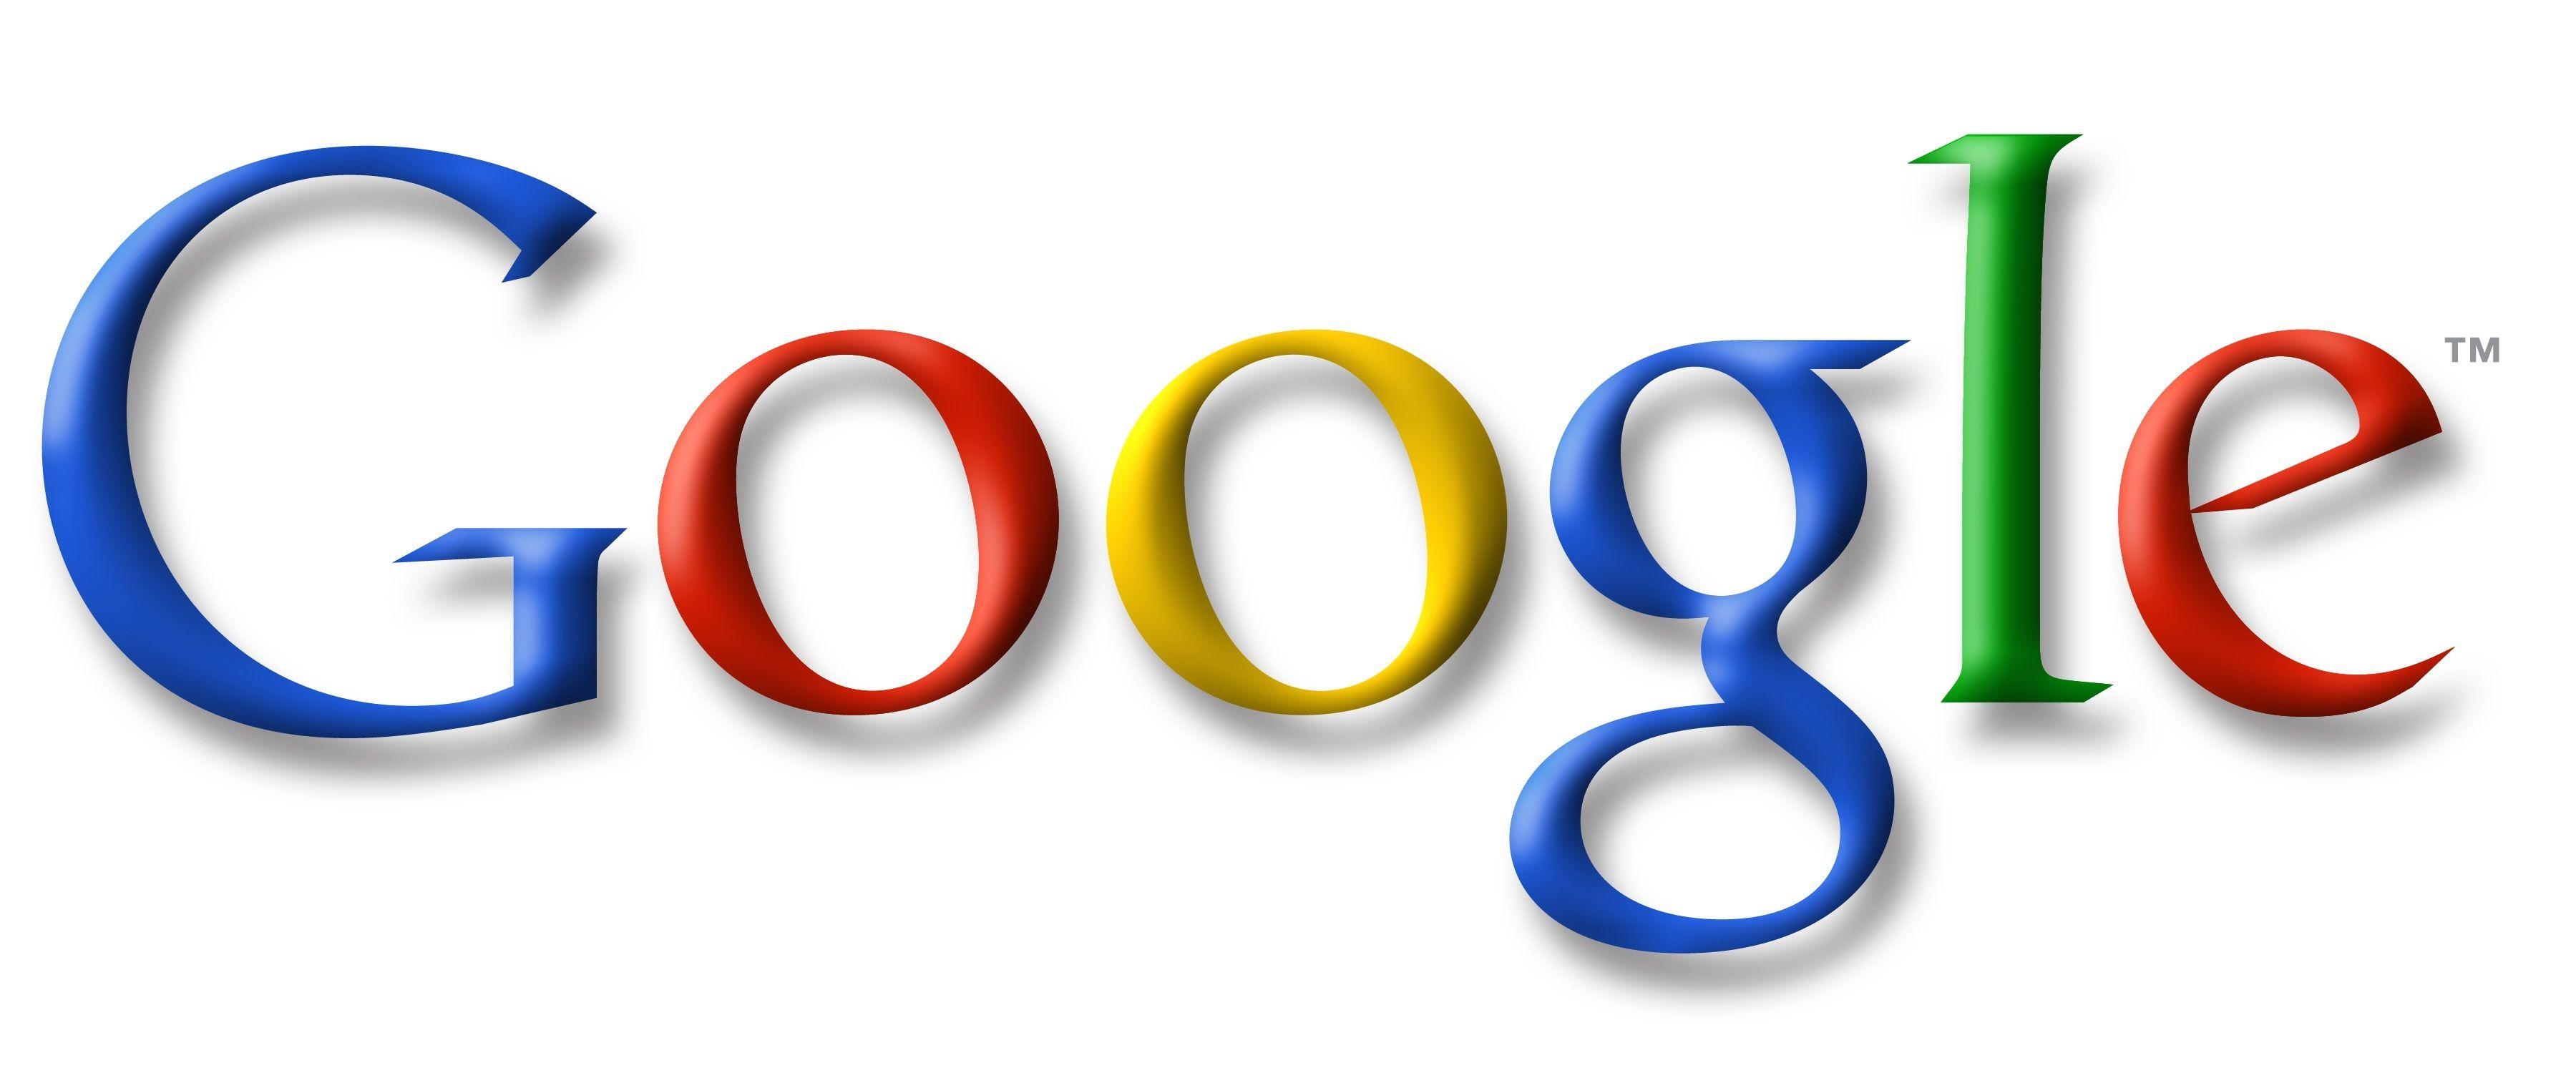 Google-Logo-40.jpg?nocache=1368200578604